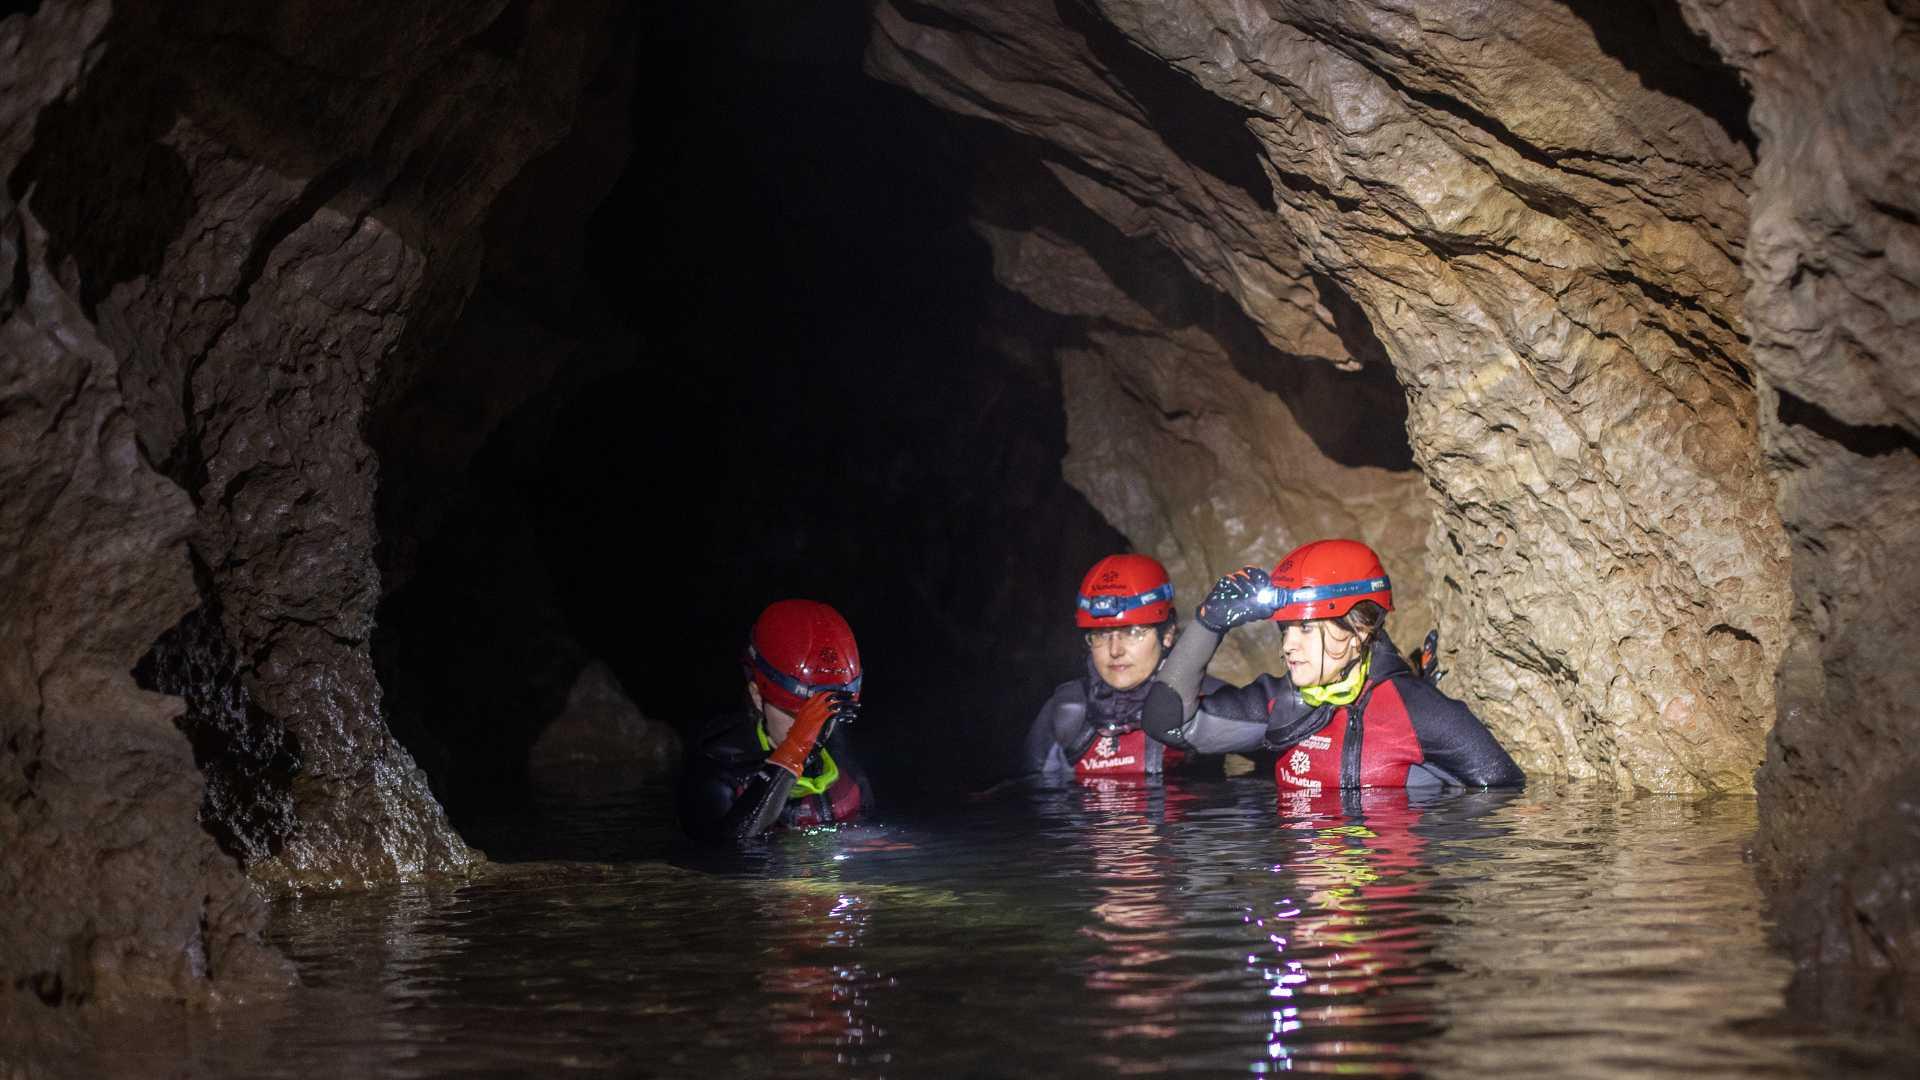 Espeleologia Aquàtica (Water caving)